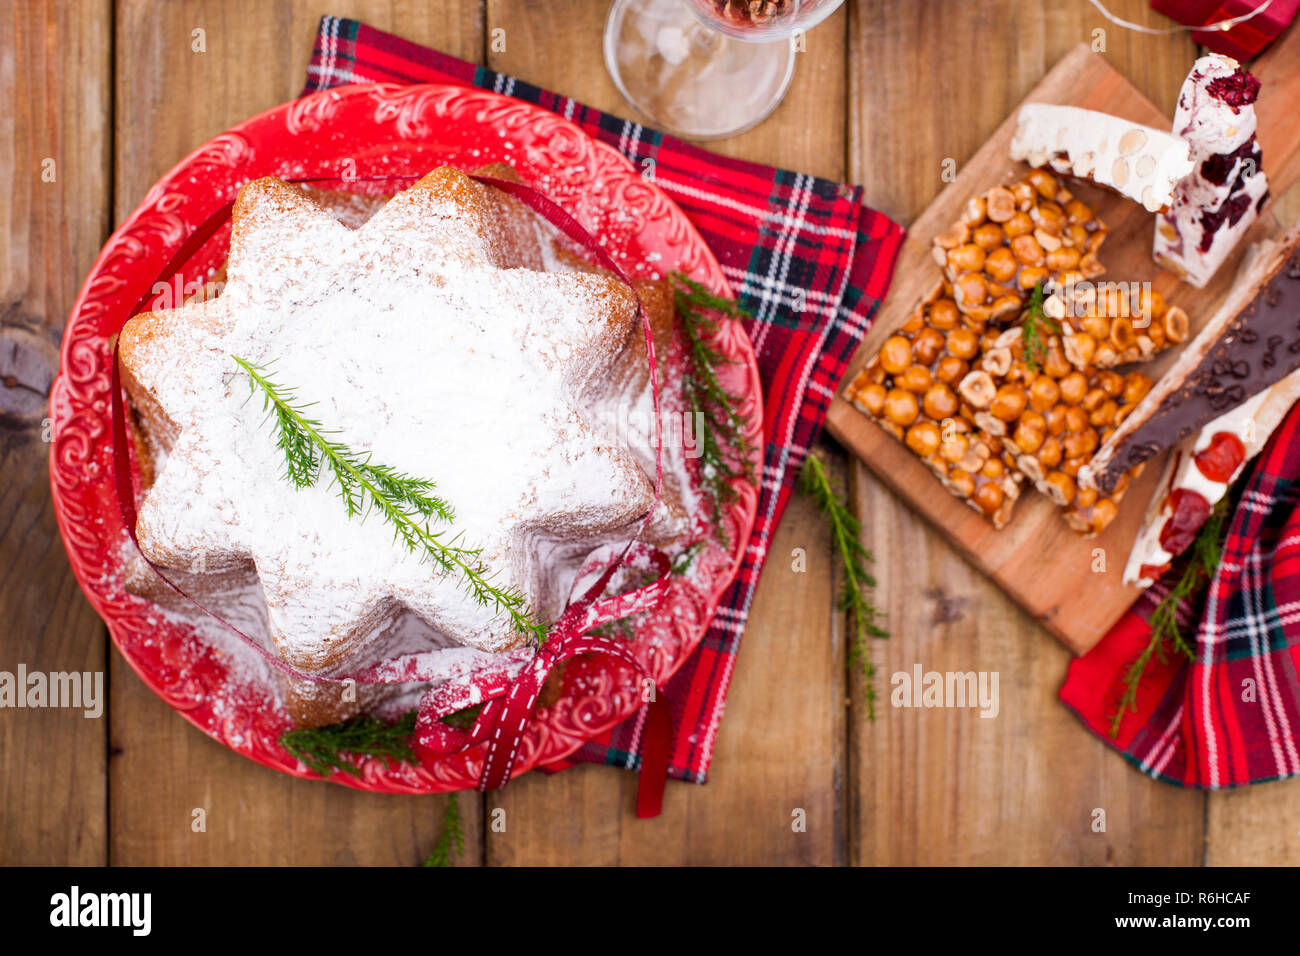 Weihnachtsessen Italien.Traditionelle Typische Süßigkeiten Für Weihnachten In Italien